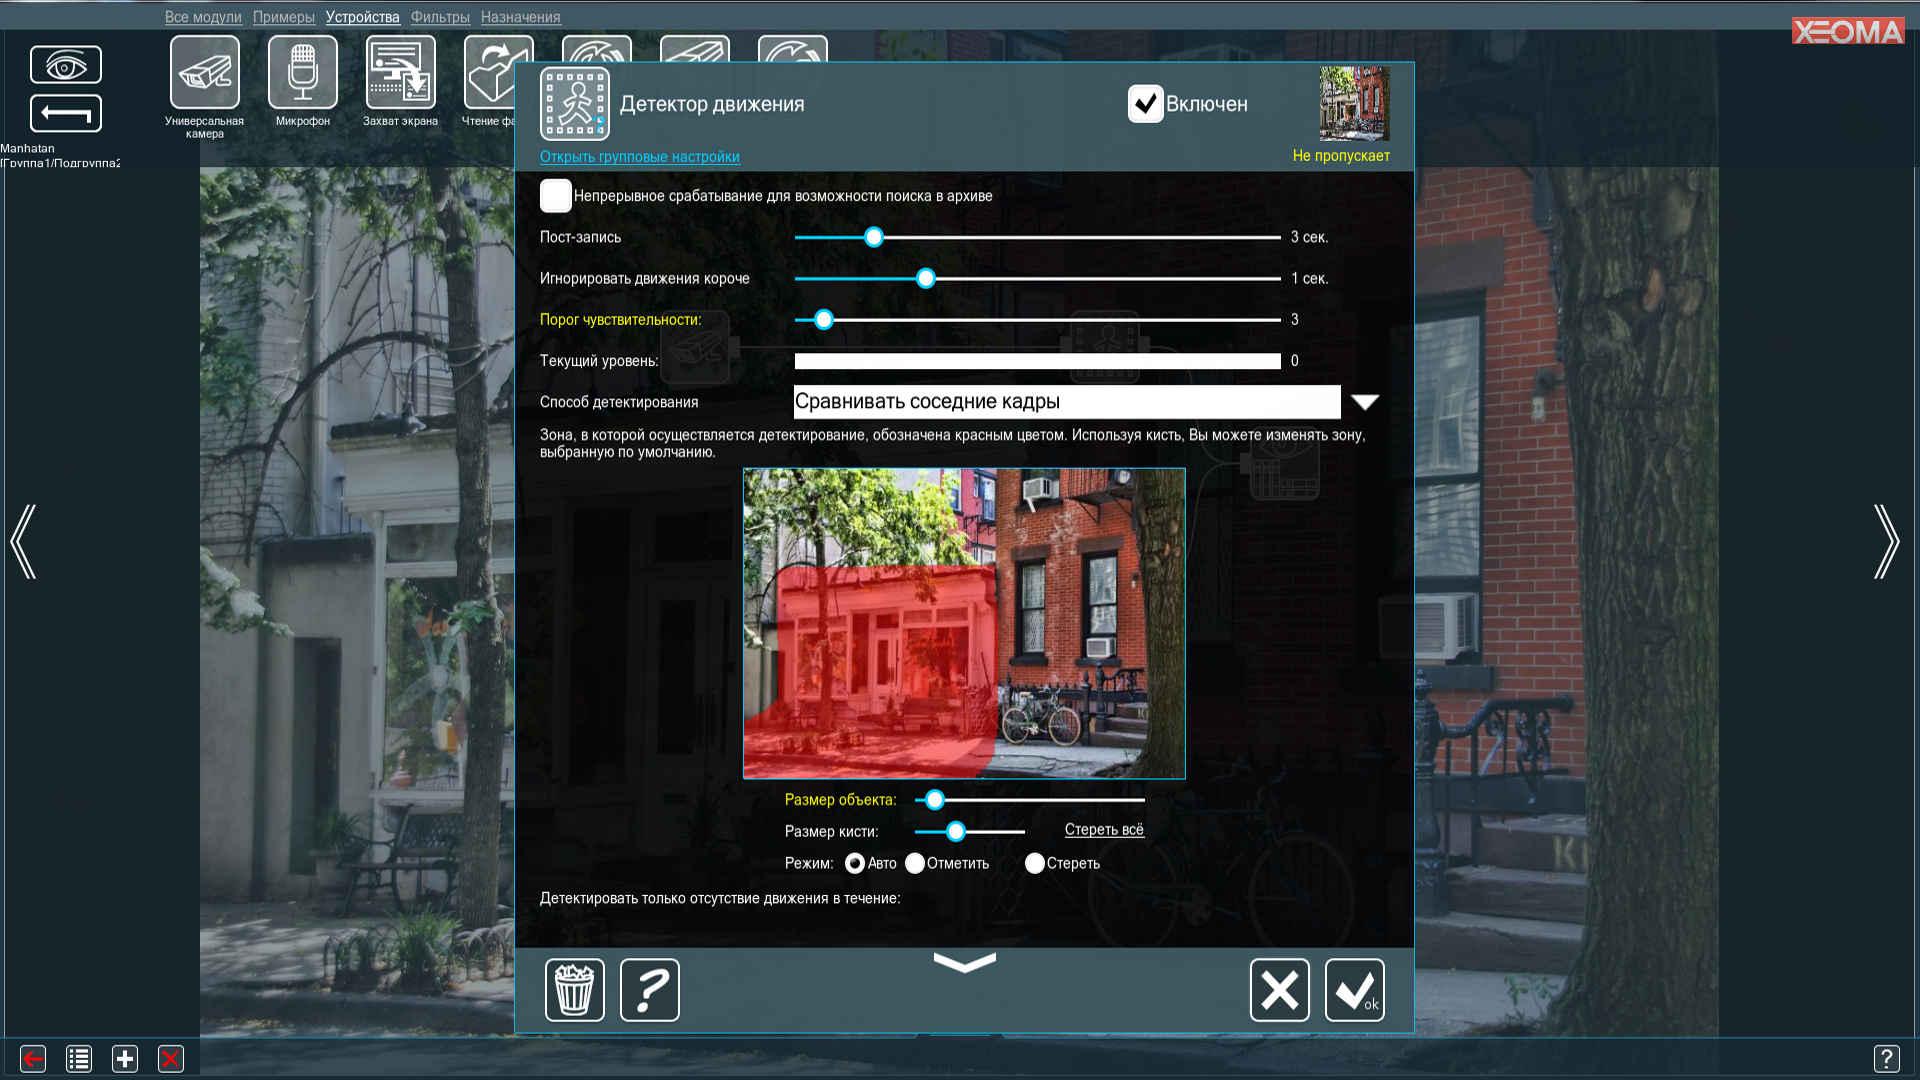 Программу для видеонаблюдения смс